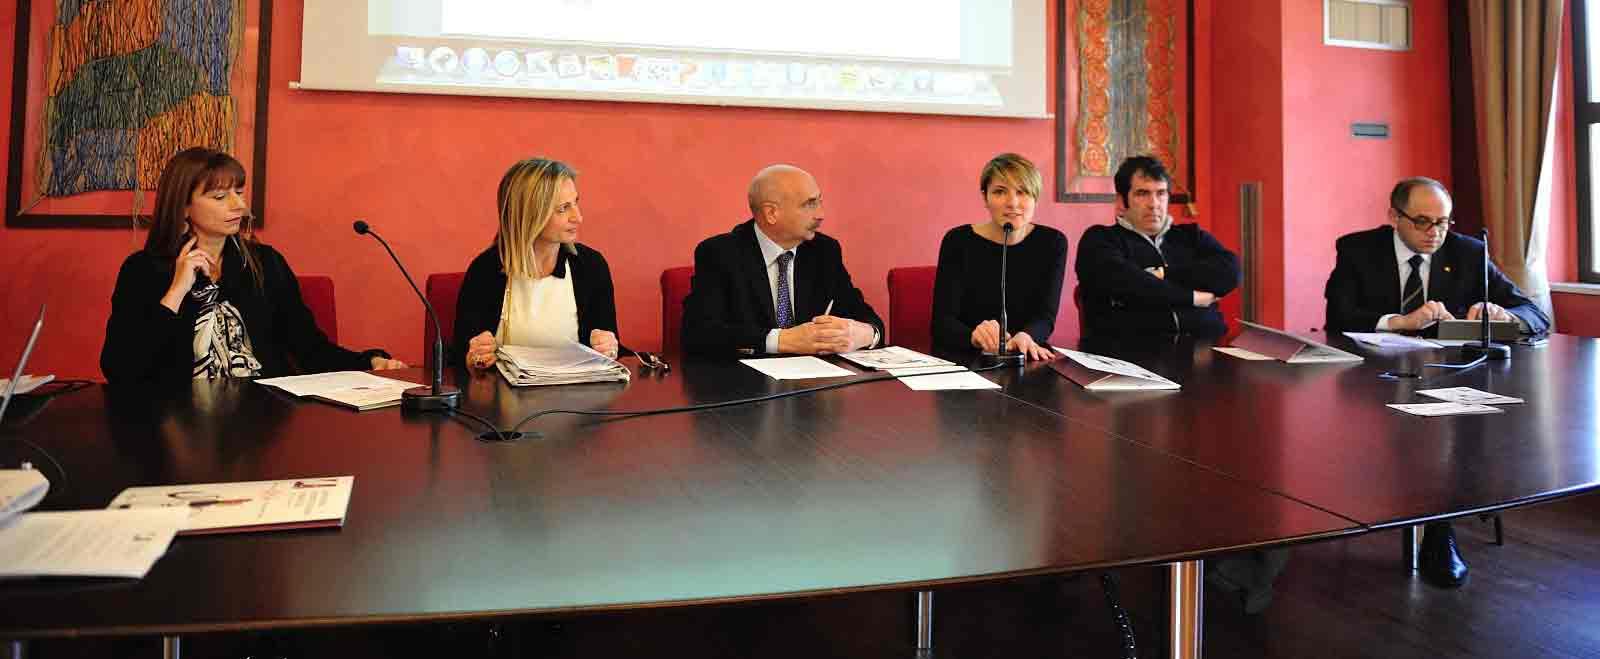 Anteprima Montepulciano d'Abruzzo a Chieti dall'1 al 3 marzo